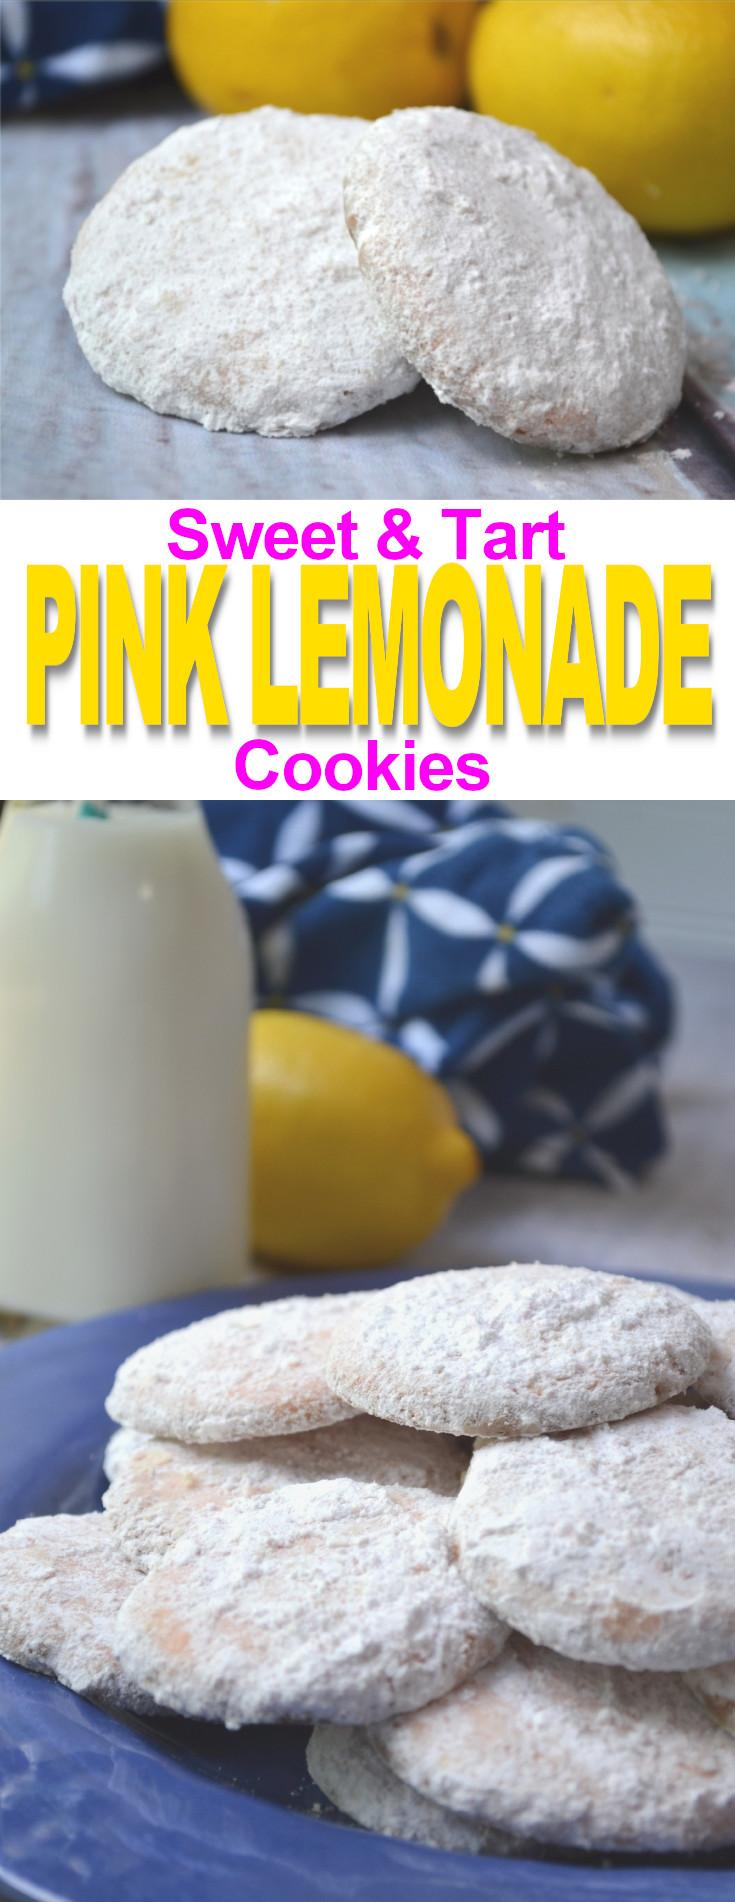 SWEET TART PINK LEMONADE COOKIES FLUSTER BUSTER